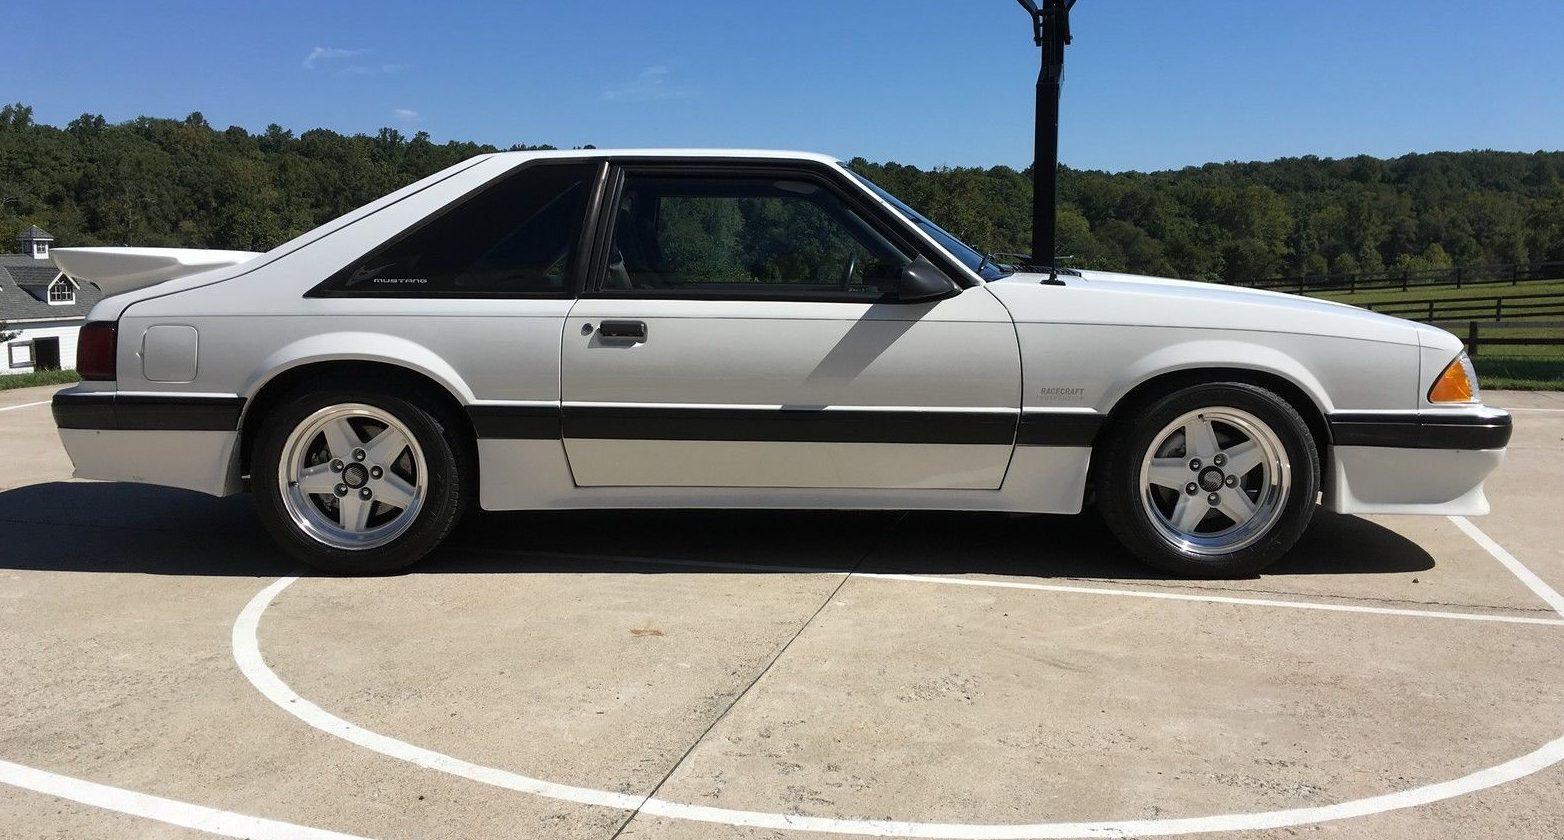 First New Car: '89 Mustang Saleen